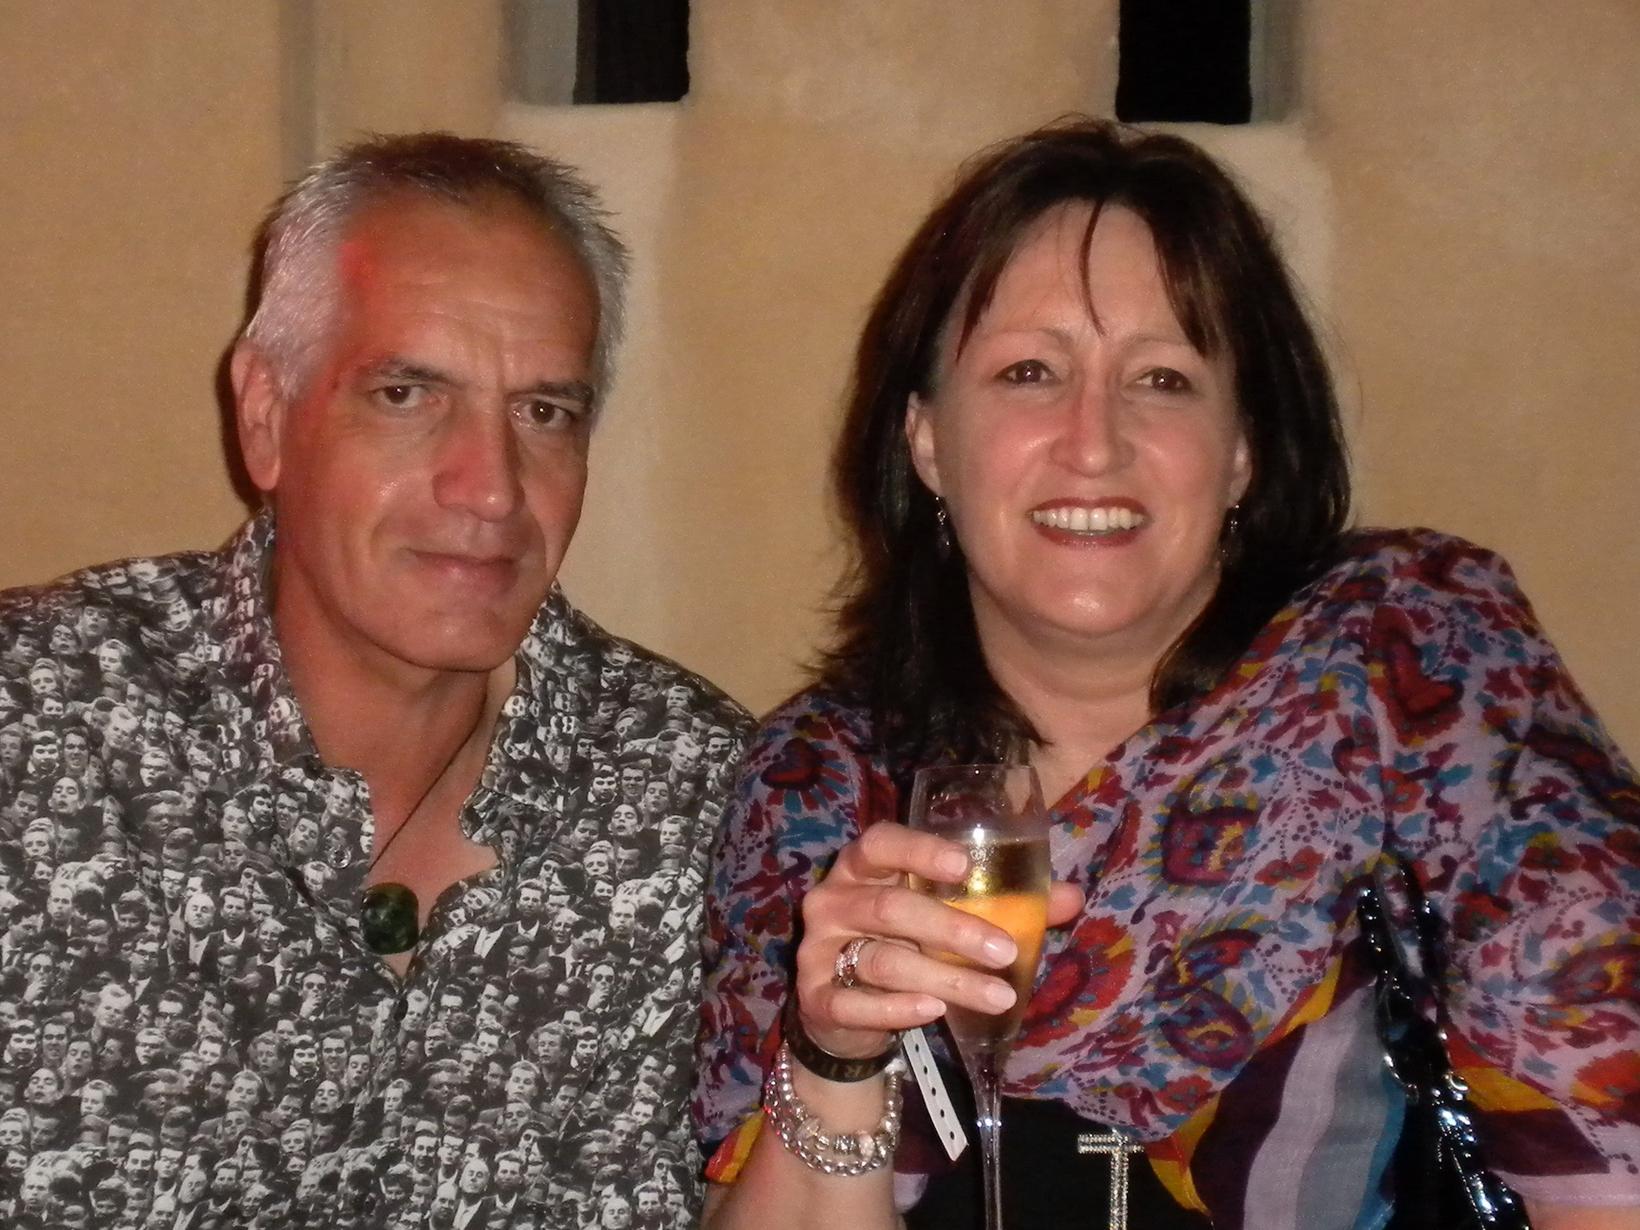 Gina & Peta from Huntly, New Zealand